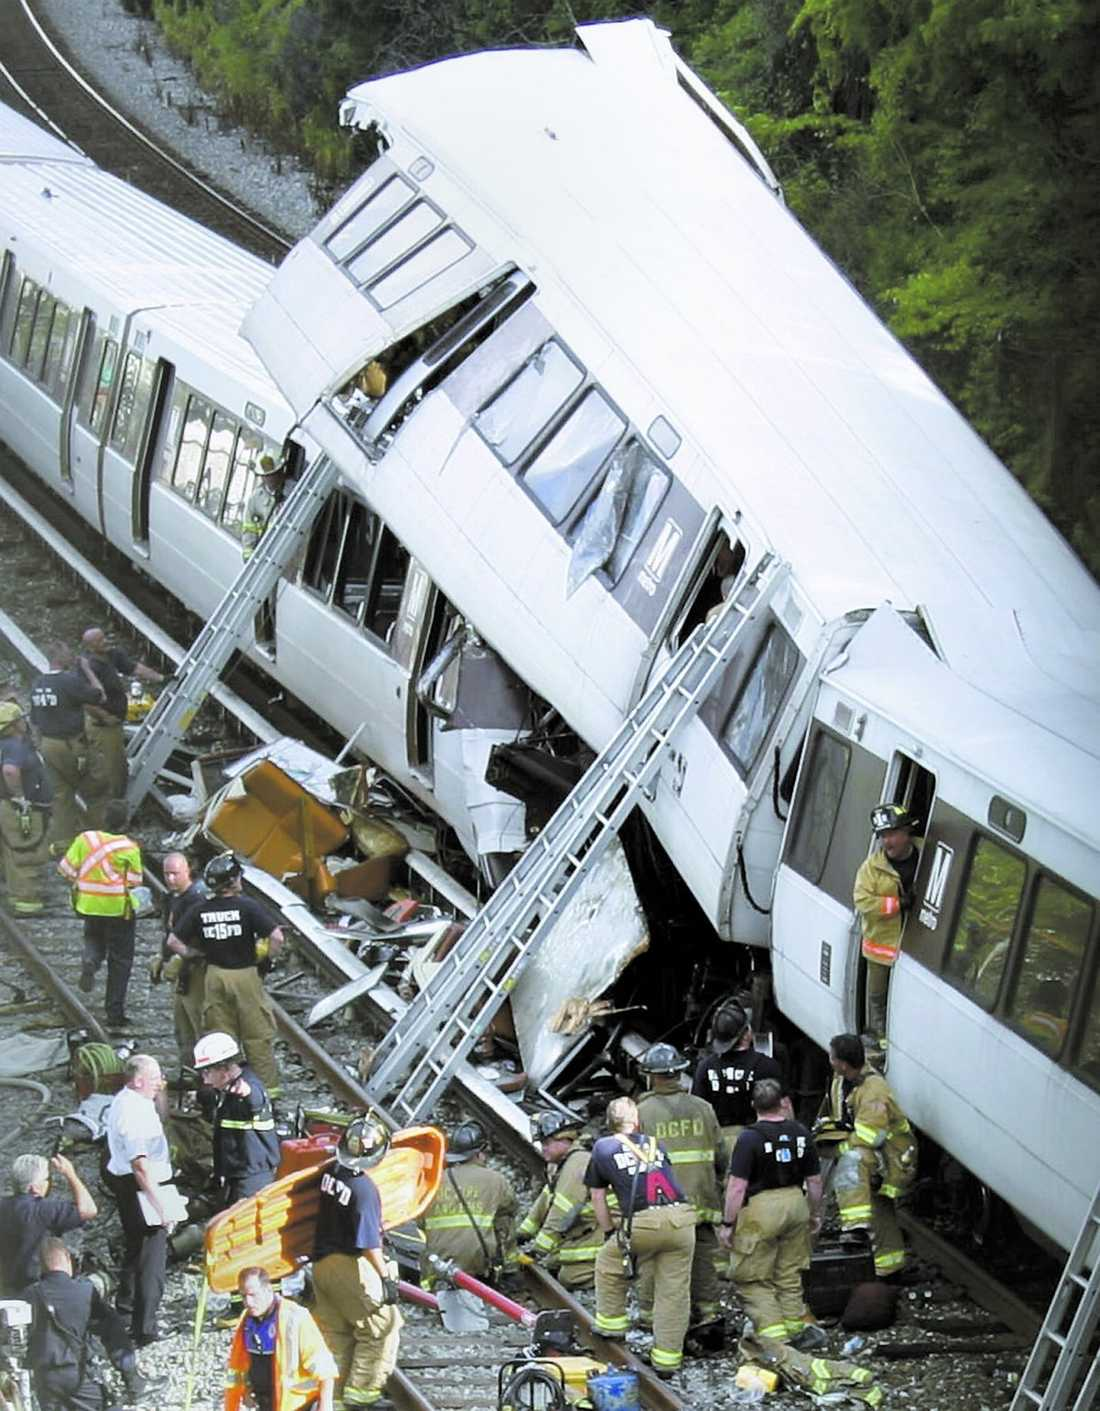 Många offer Kollisionen i Washingtons tunnelbana inträffade mitt i rusningstrafiken. Kraschen, som inträffade ovan jord, var så kraftig att det ena tåget hamnade ovanpå det andra. Räddningspersonal tvingades skära upp vagnarna för att ta sig in till de skadade passagerarna.